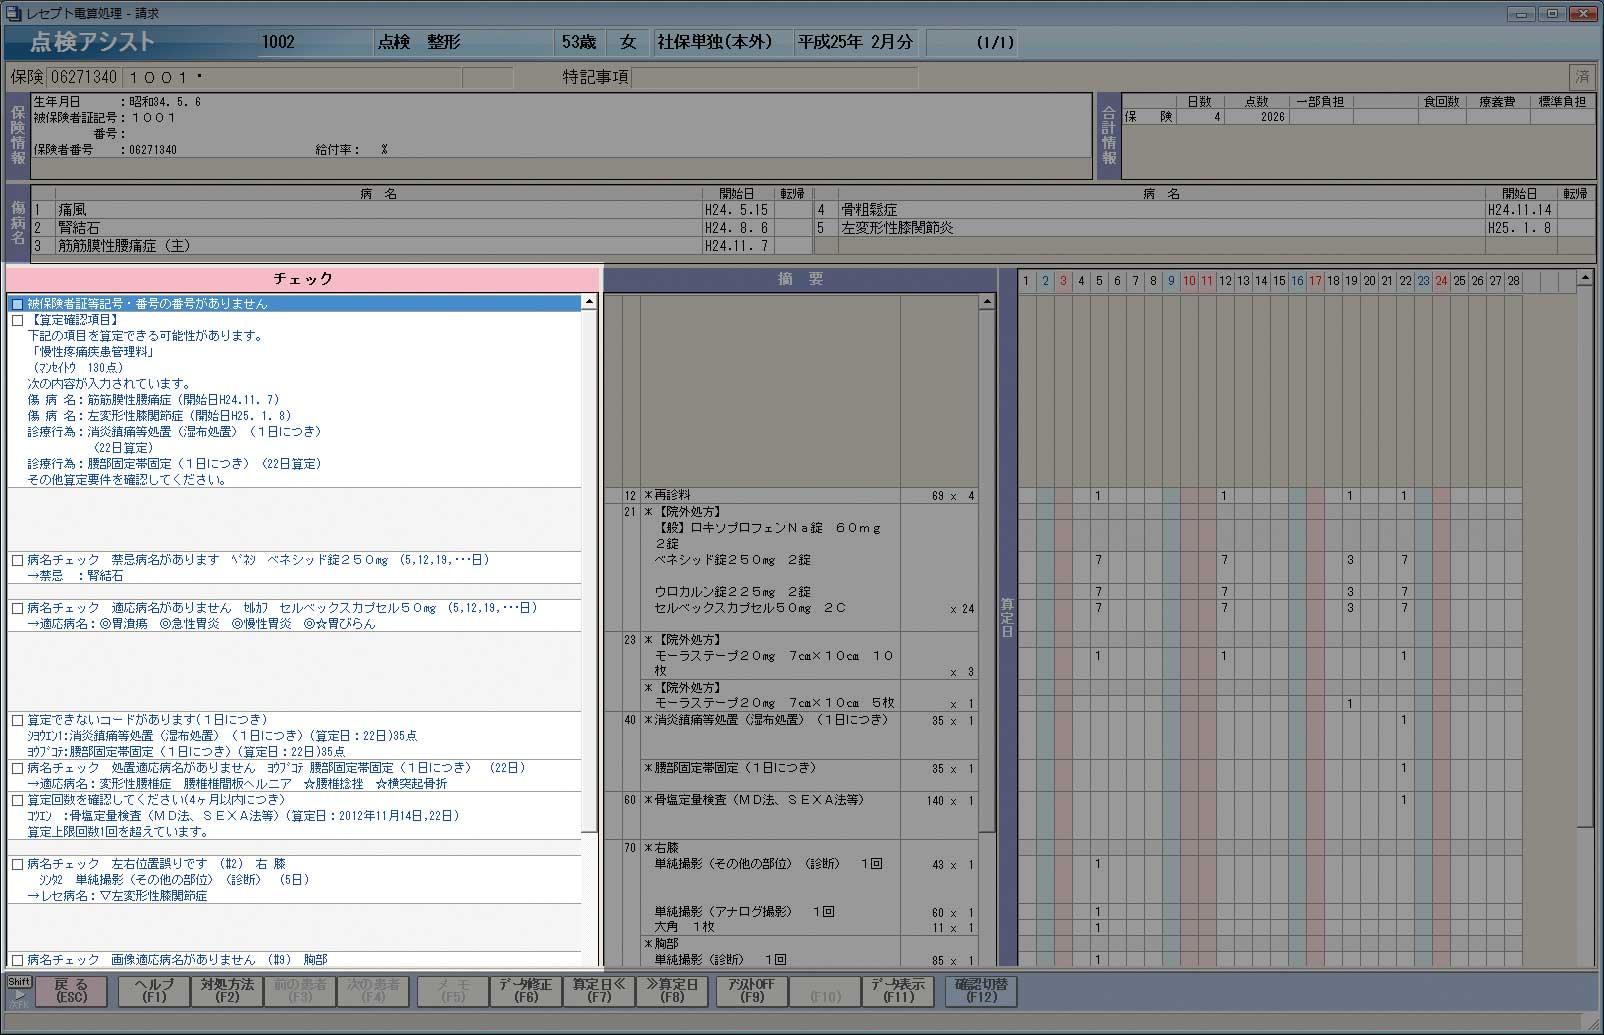 点検アシスト レセプトイメージの画面